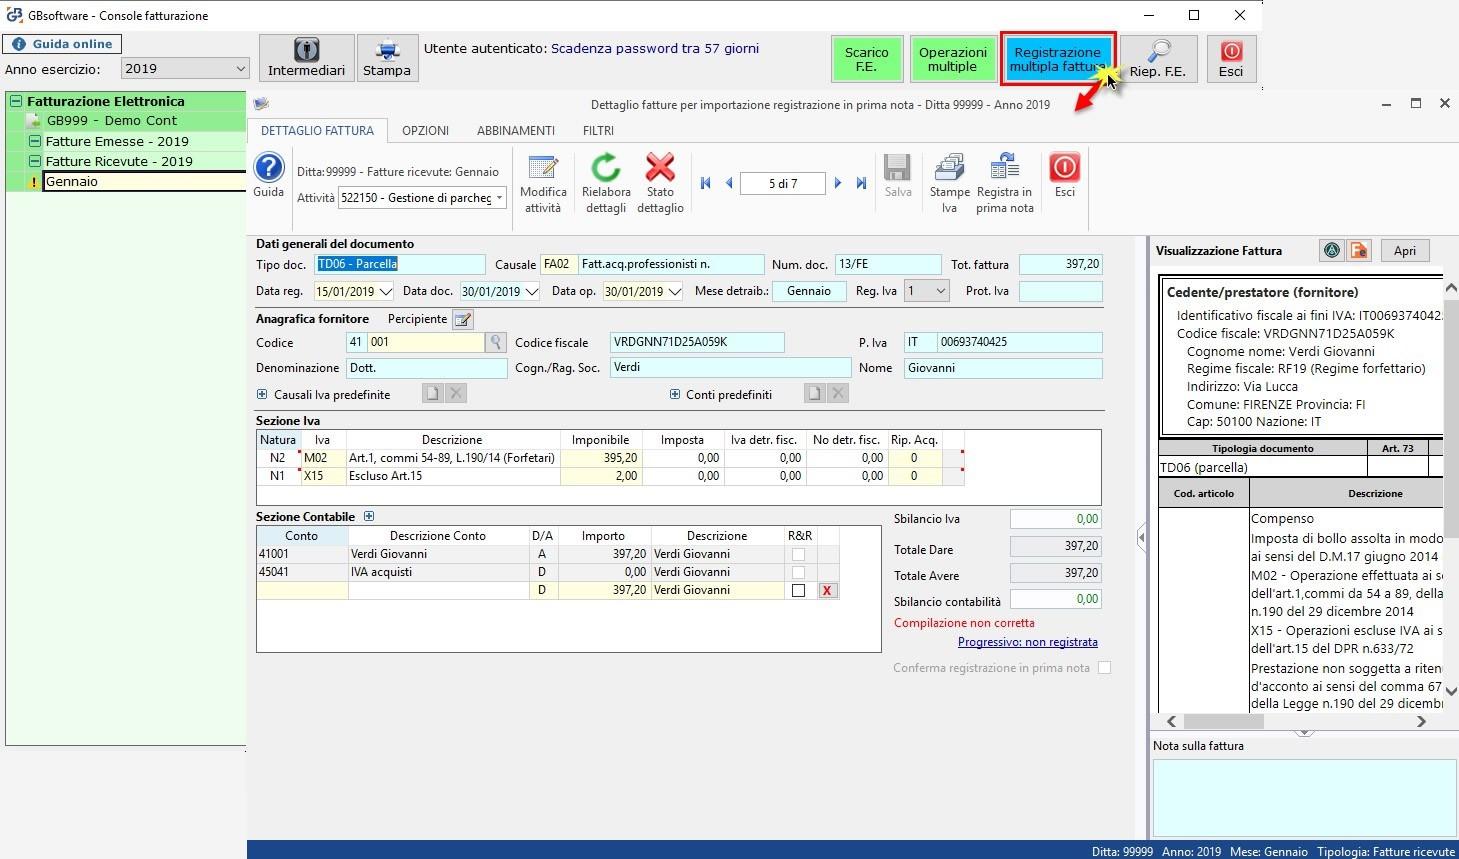 Software Importazione fatture elettroniche XML in Prima Nota - Accesso da Console Fatturazione